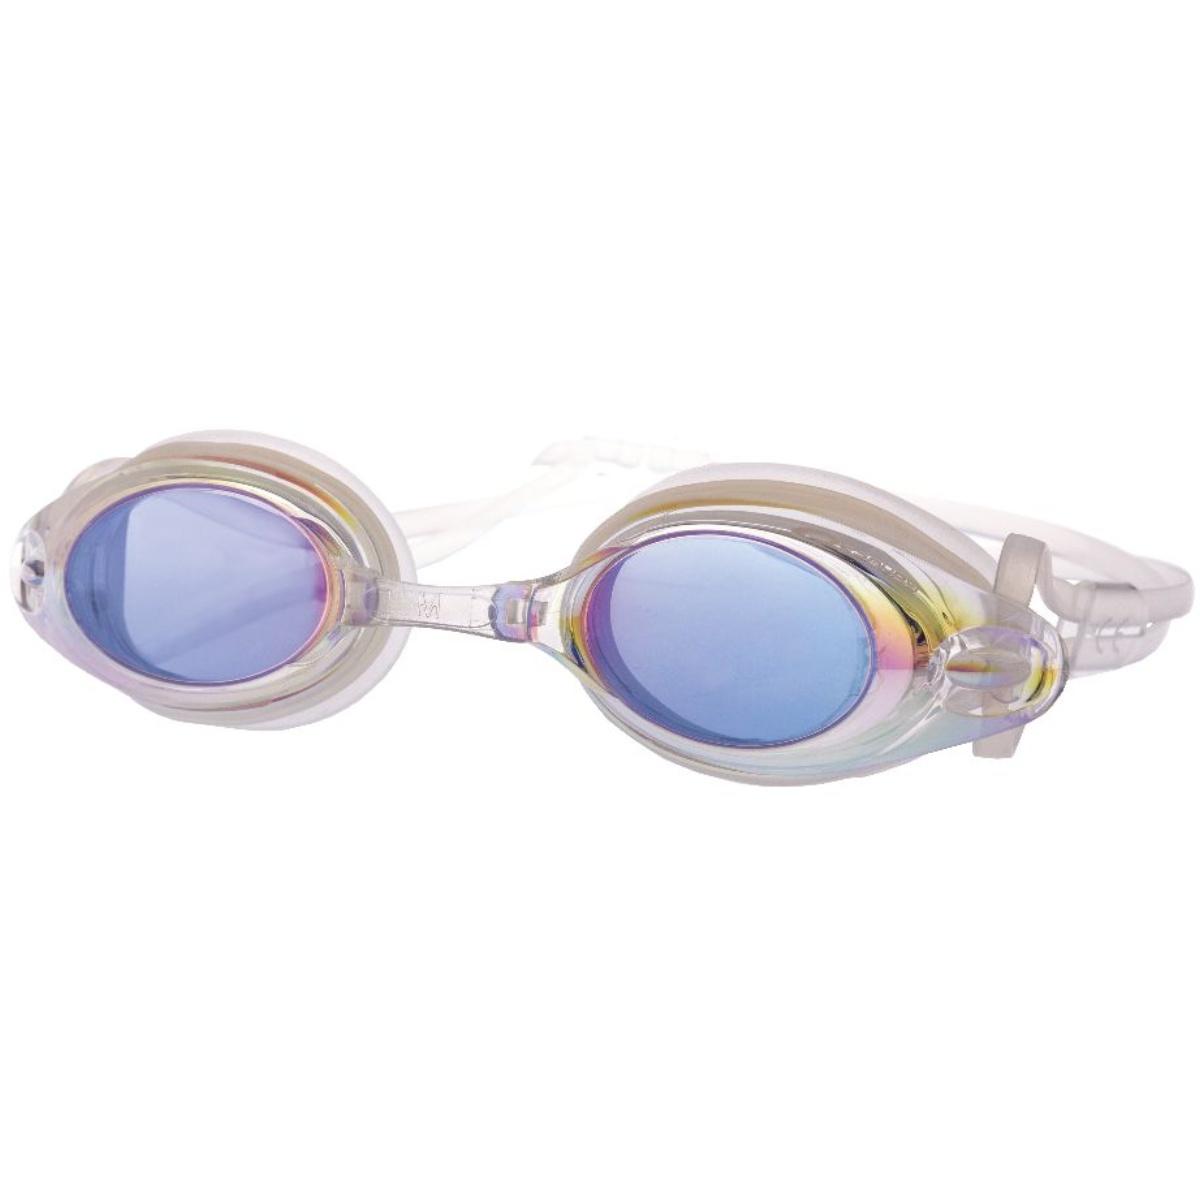 Plavecké brýle SPOKEY Kayode - bílé